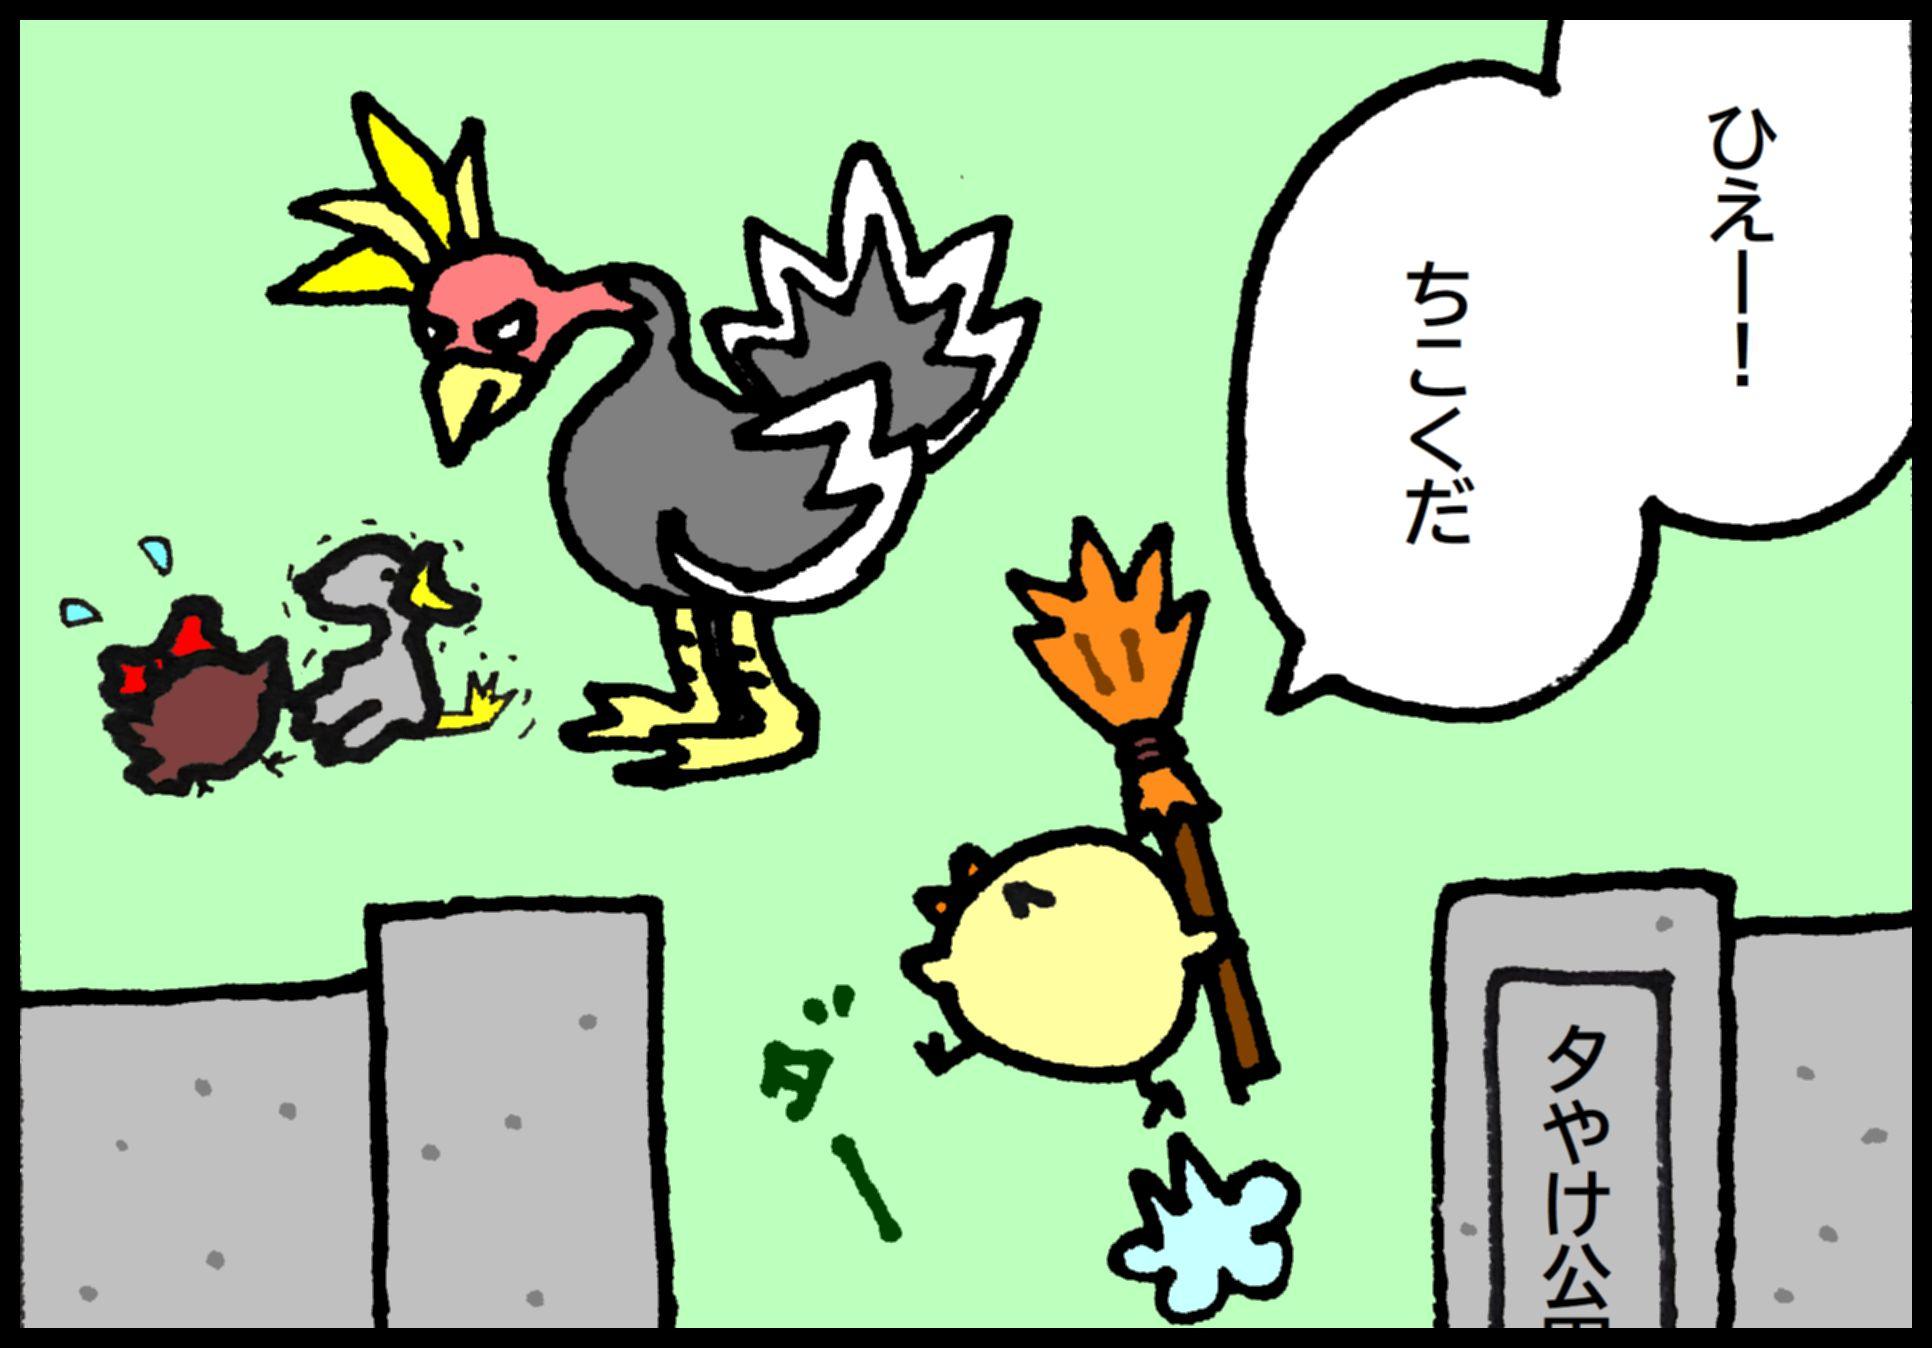 『夕やけちょこ』その39「ちこく」(2)